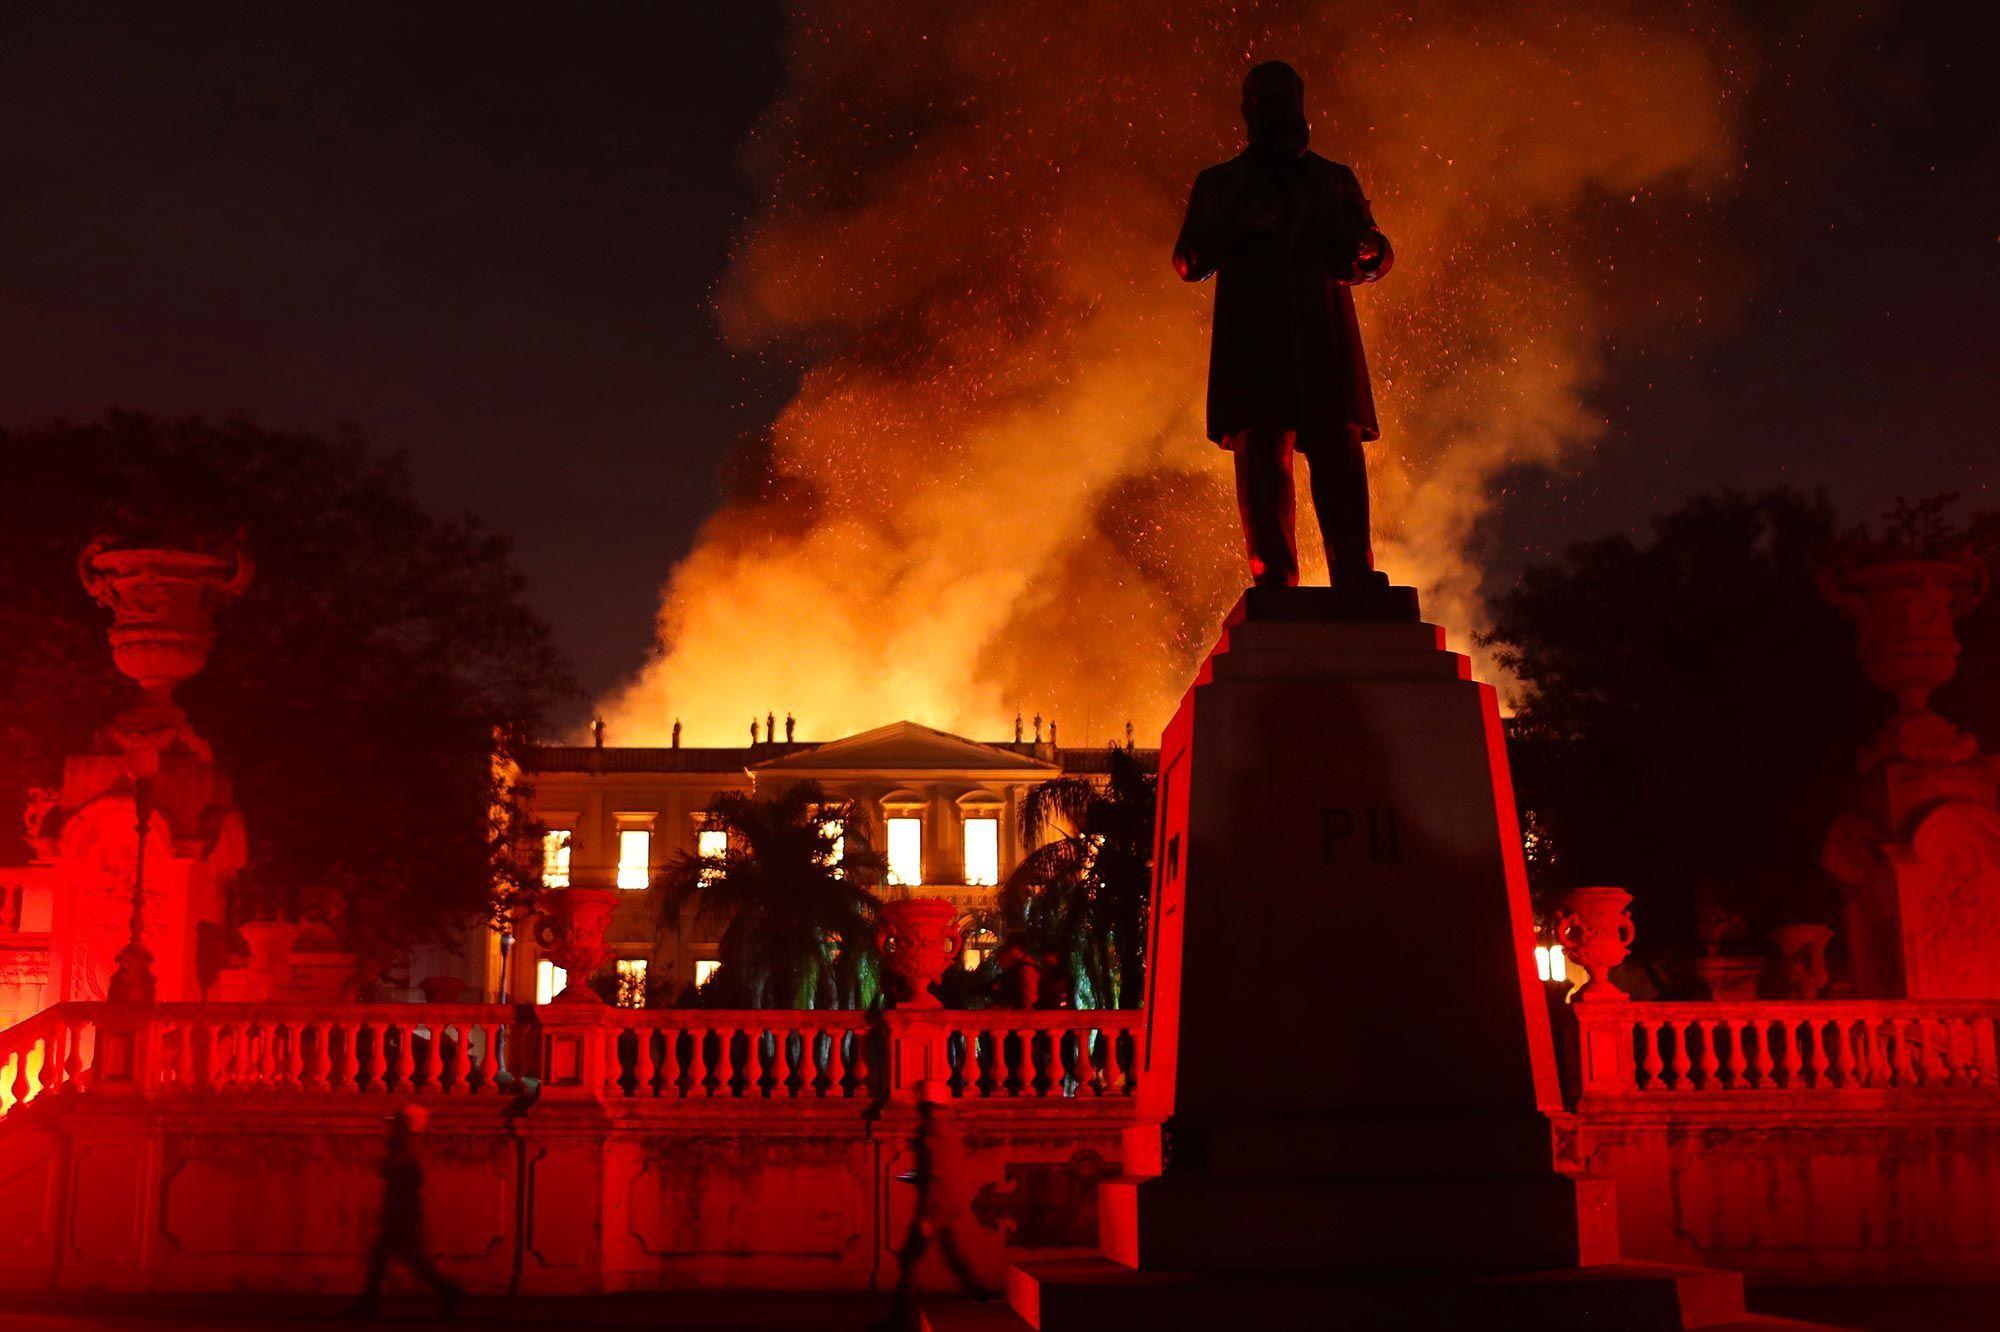 Les Images Impressionnantes De L Incendie Qui Ravage Le Musee De Rio